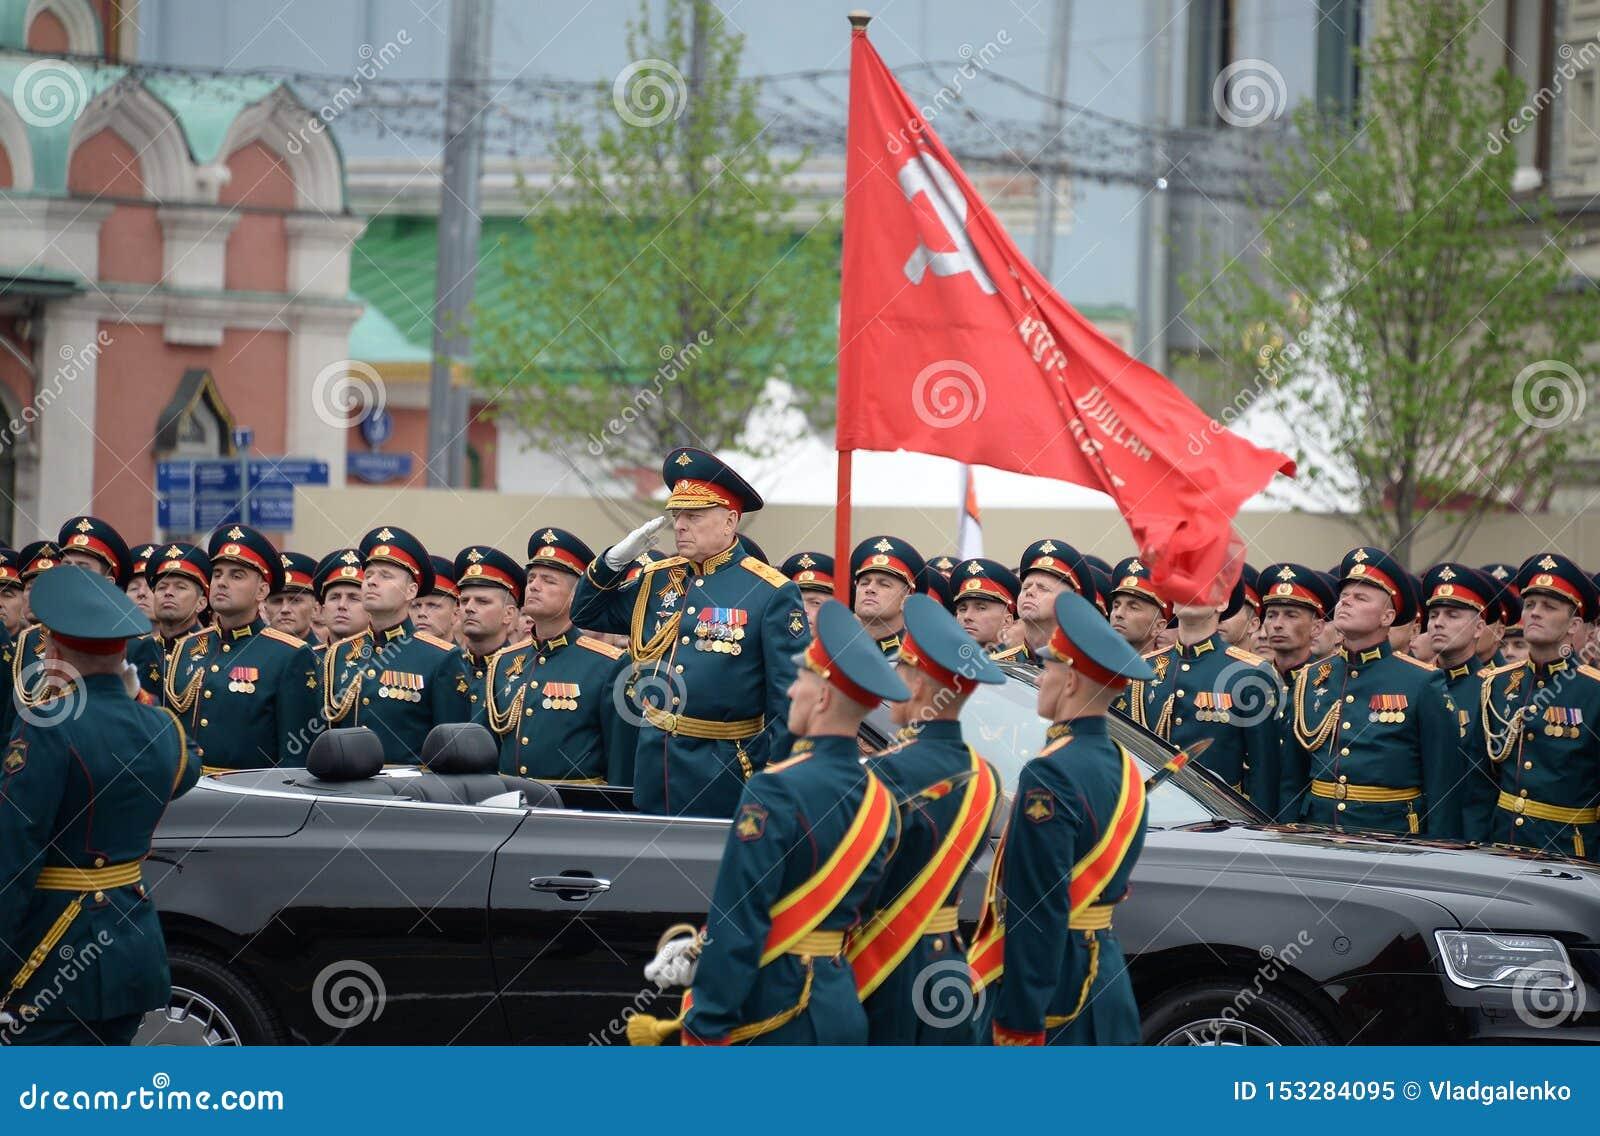 """Διοικητής--προϊστάμενος των δυνάμεων Στρατού Ξηράς του στρατού Ρωσικής Ομοσπονδίας στρατηγός Oleg Salyukov στο αυτοκίνητο """"Aurus"""